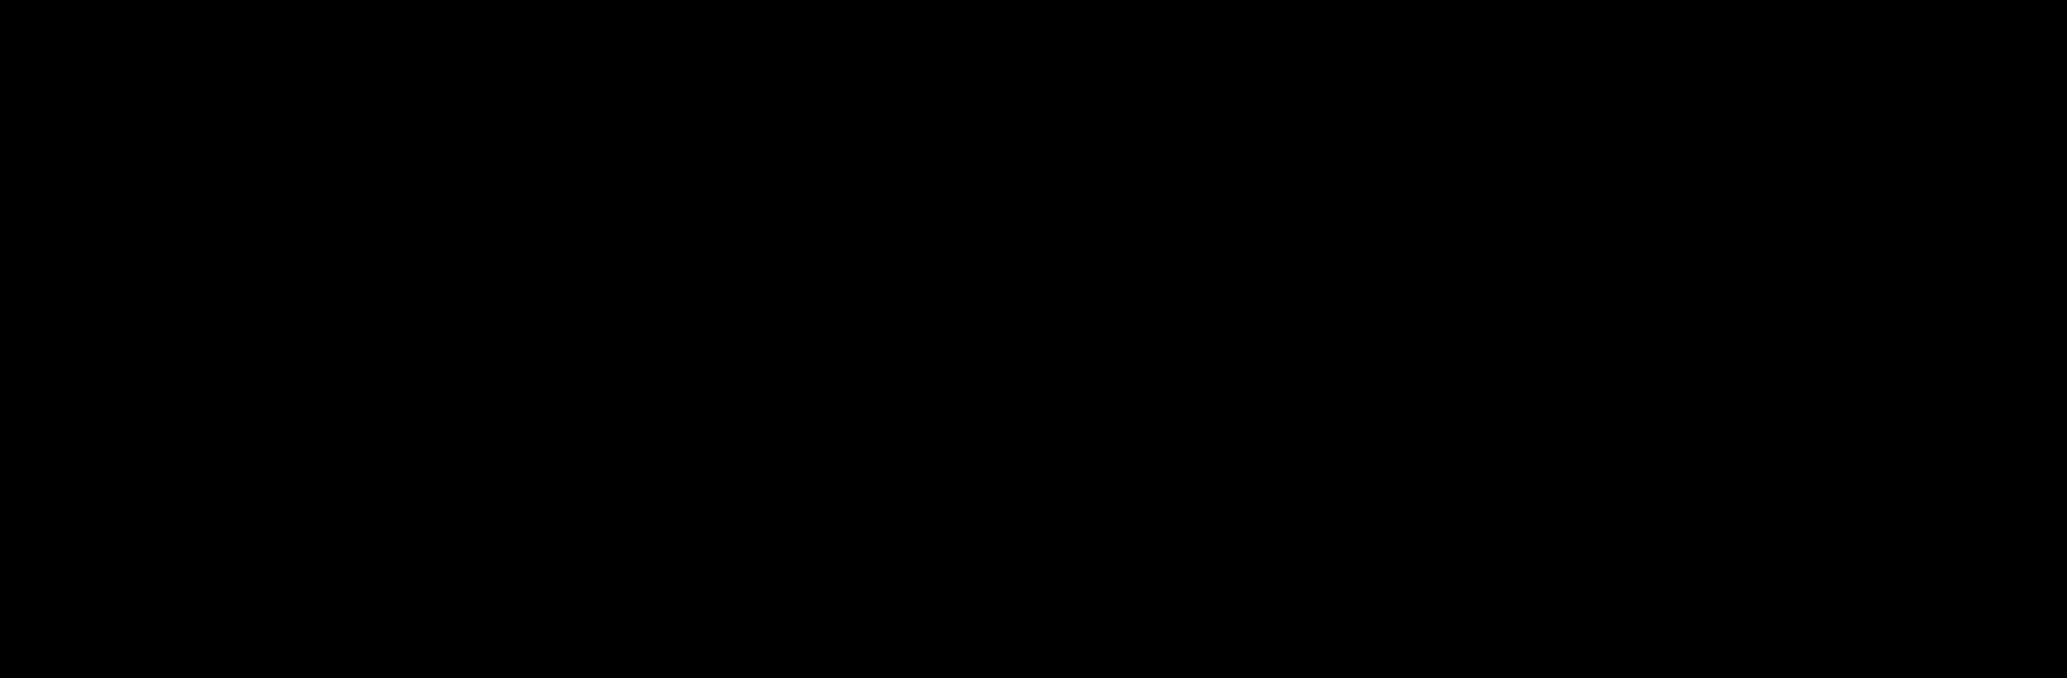 CC-Logotype-2-01.png